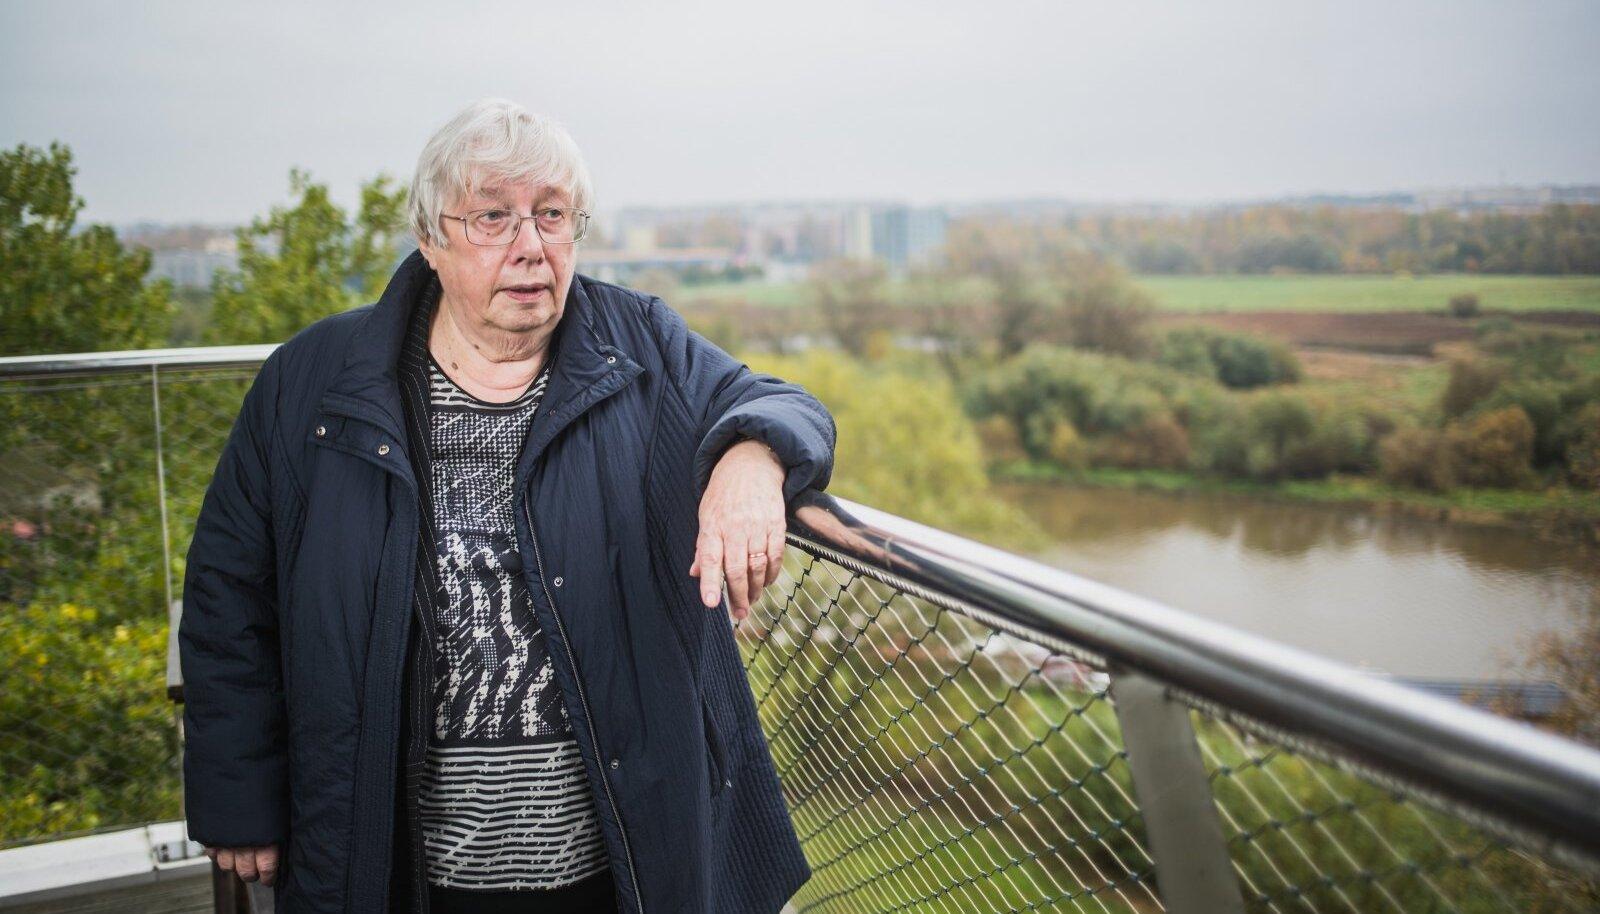 Koostöö ja kokkuleppimise puudus on Eesti inimarengu kõige suurem pidur, ütleb Marju Lauristin.